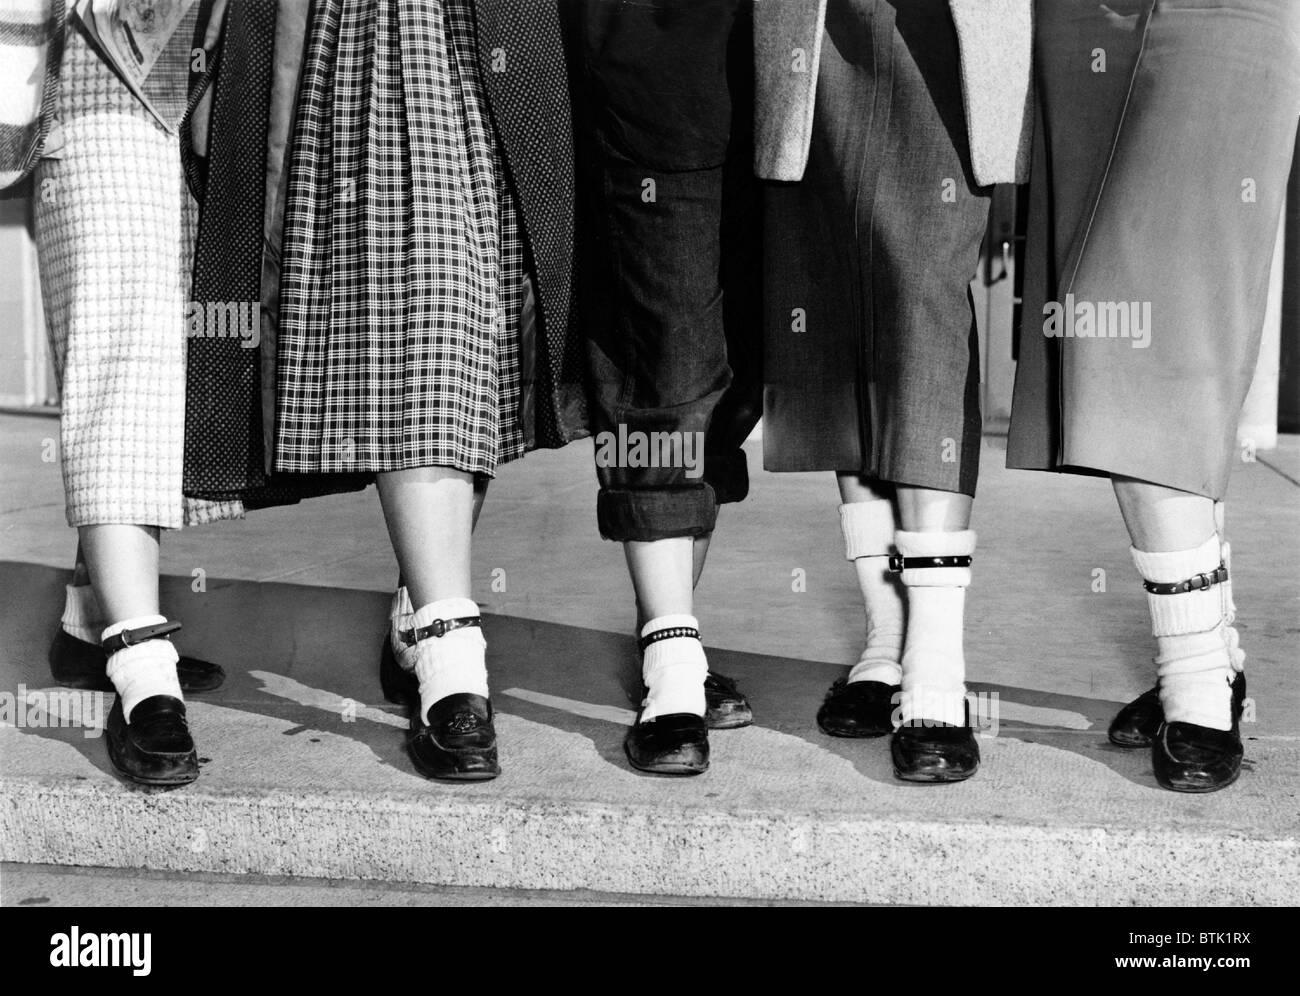 Bobby chaussettes, haut de la cheville, souvent épaisses ou décorées, ont été populaires Photo Stock